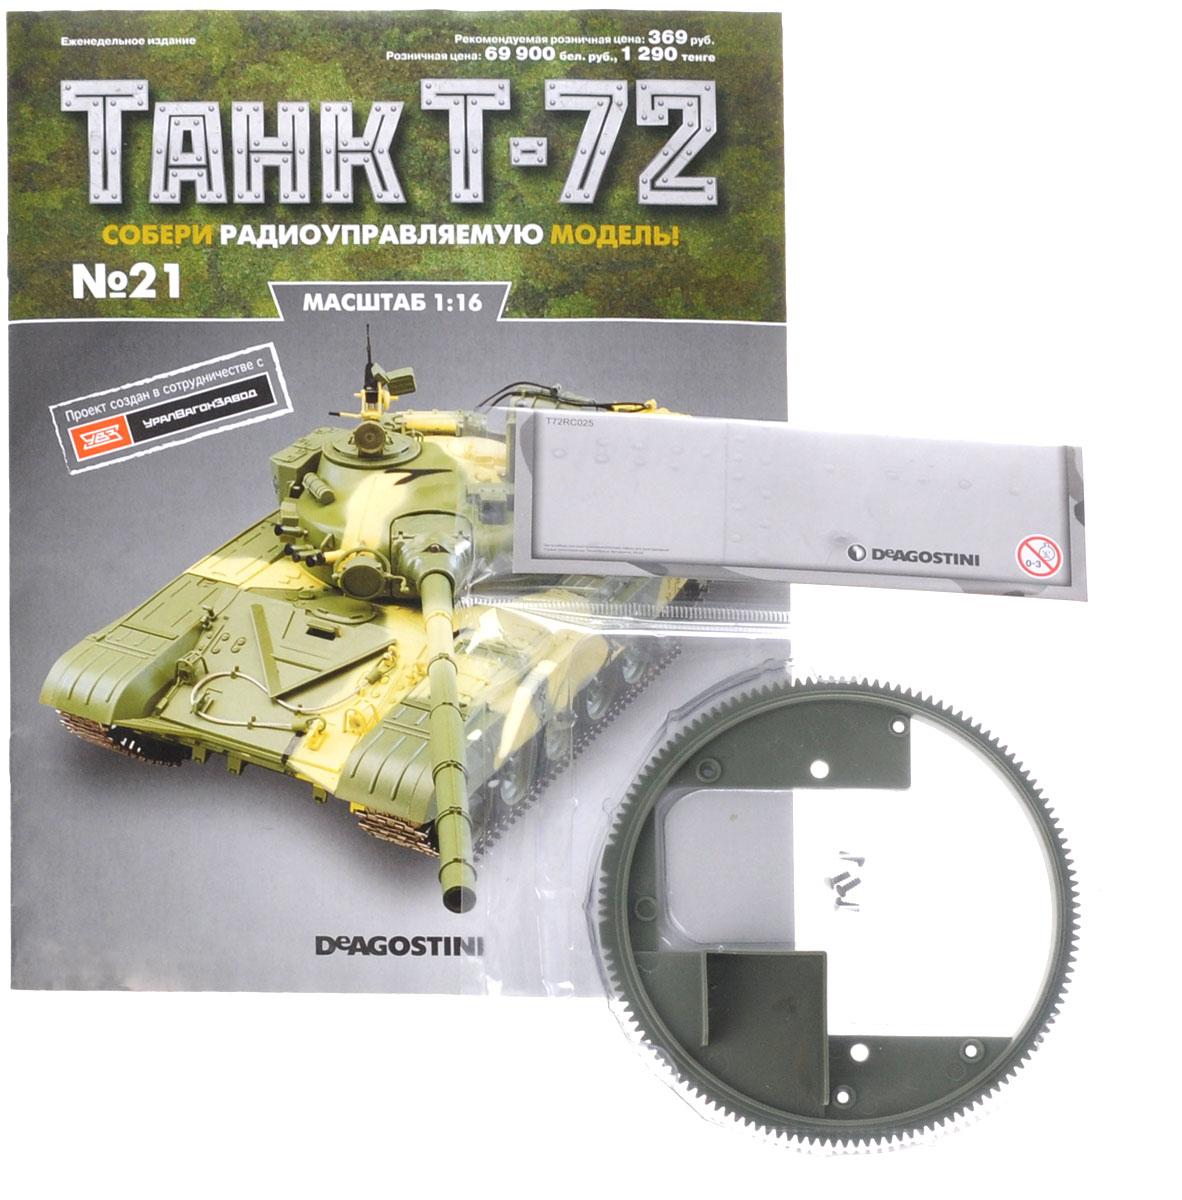 Журнал Танк Т-72 №21TRC021Перед вами - журнал из уникальной серии партворков Танк Т-72 с увлекательной информацией о легендарных боевых машинах и элементами для сборки копии танка Т-72 в уменьшенном варианте 1:16. У вас есть возможность собственноручно создать высококачественную модель этого знаменитого танка с достоверным воспроизведением всех элементов, сохранением функций подлинной боевой машины и дистанционным управлением. В комплекте механизм поворота башни танка, который позволит башне Т-72 вращаться вправо и влево. Категория 16+.